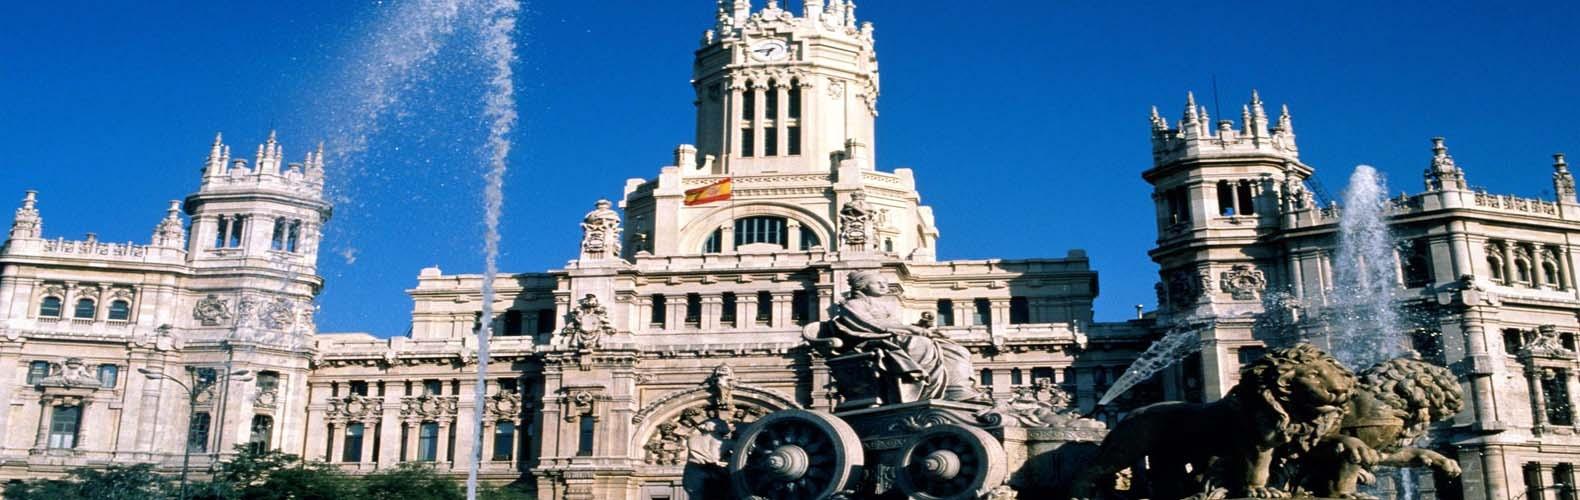 Inversiones inmobiliarias en Madrid, comprar edificios en Madrid